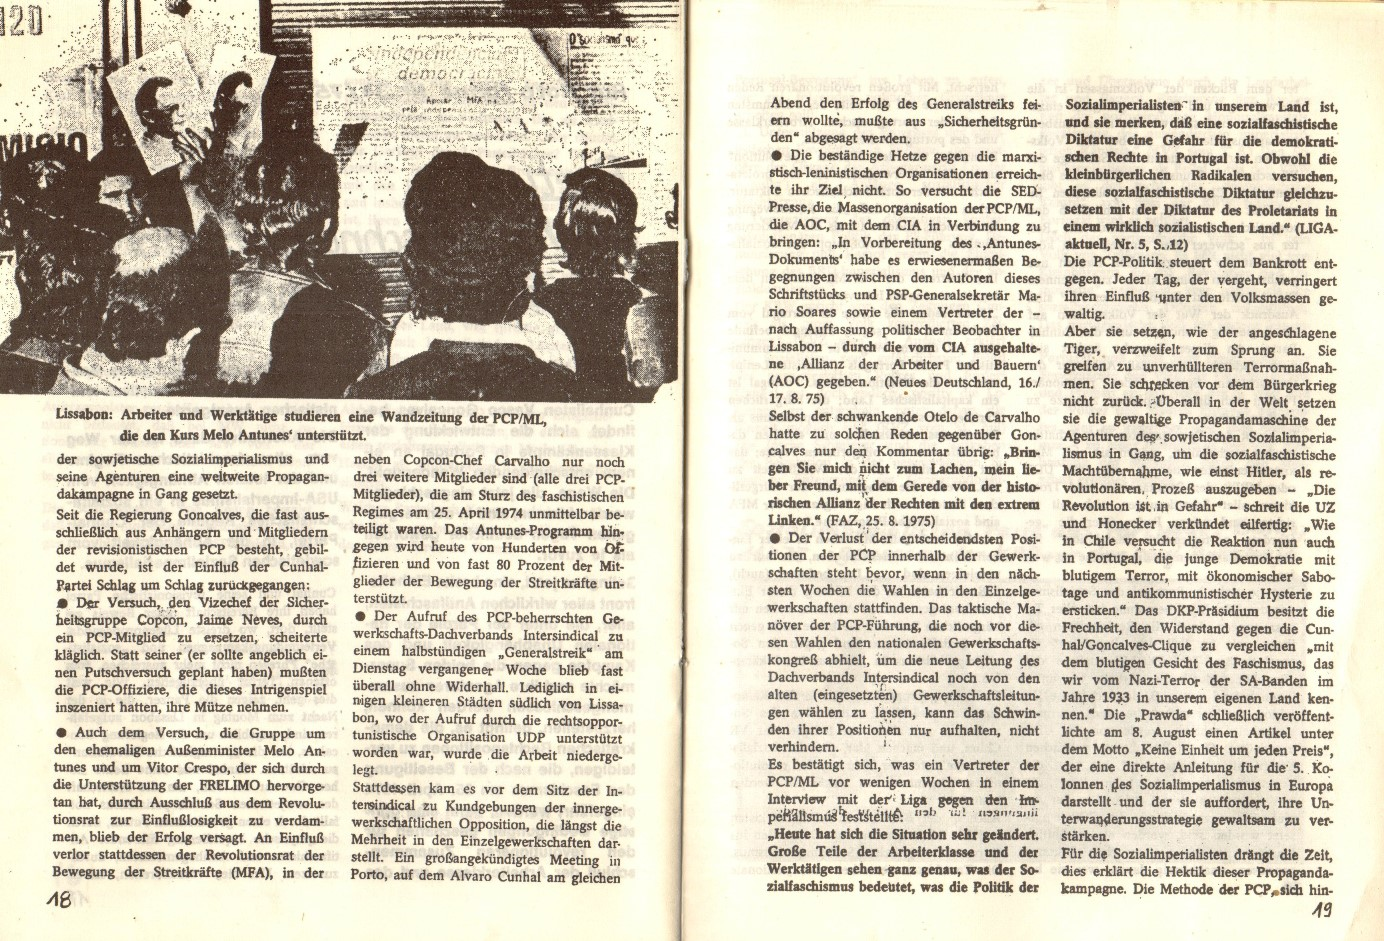 NRW_AO_1975_UZ_Sprachrohr_der_Kremlzaren_12